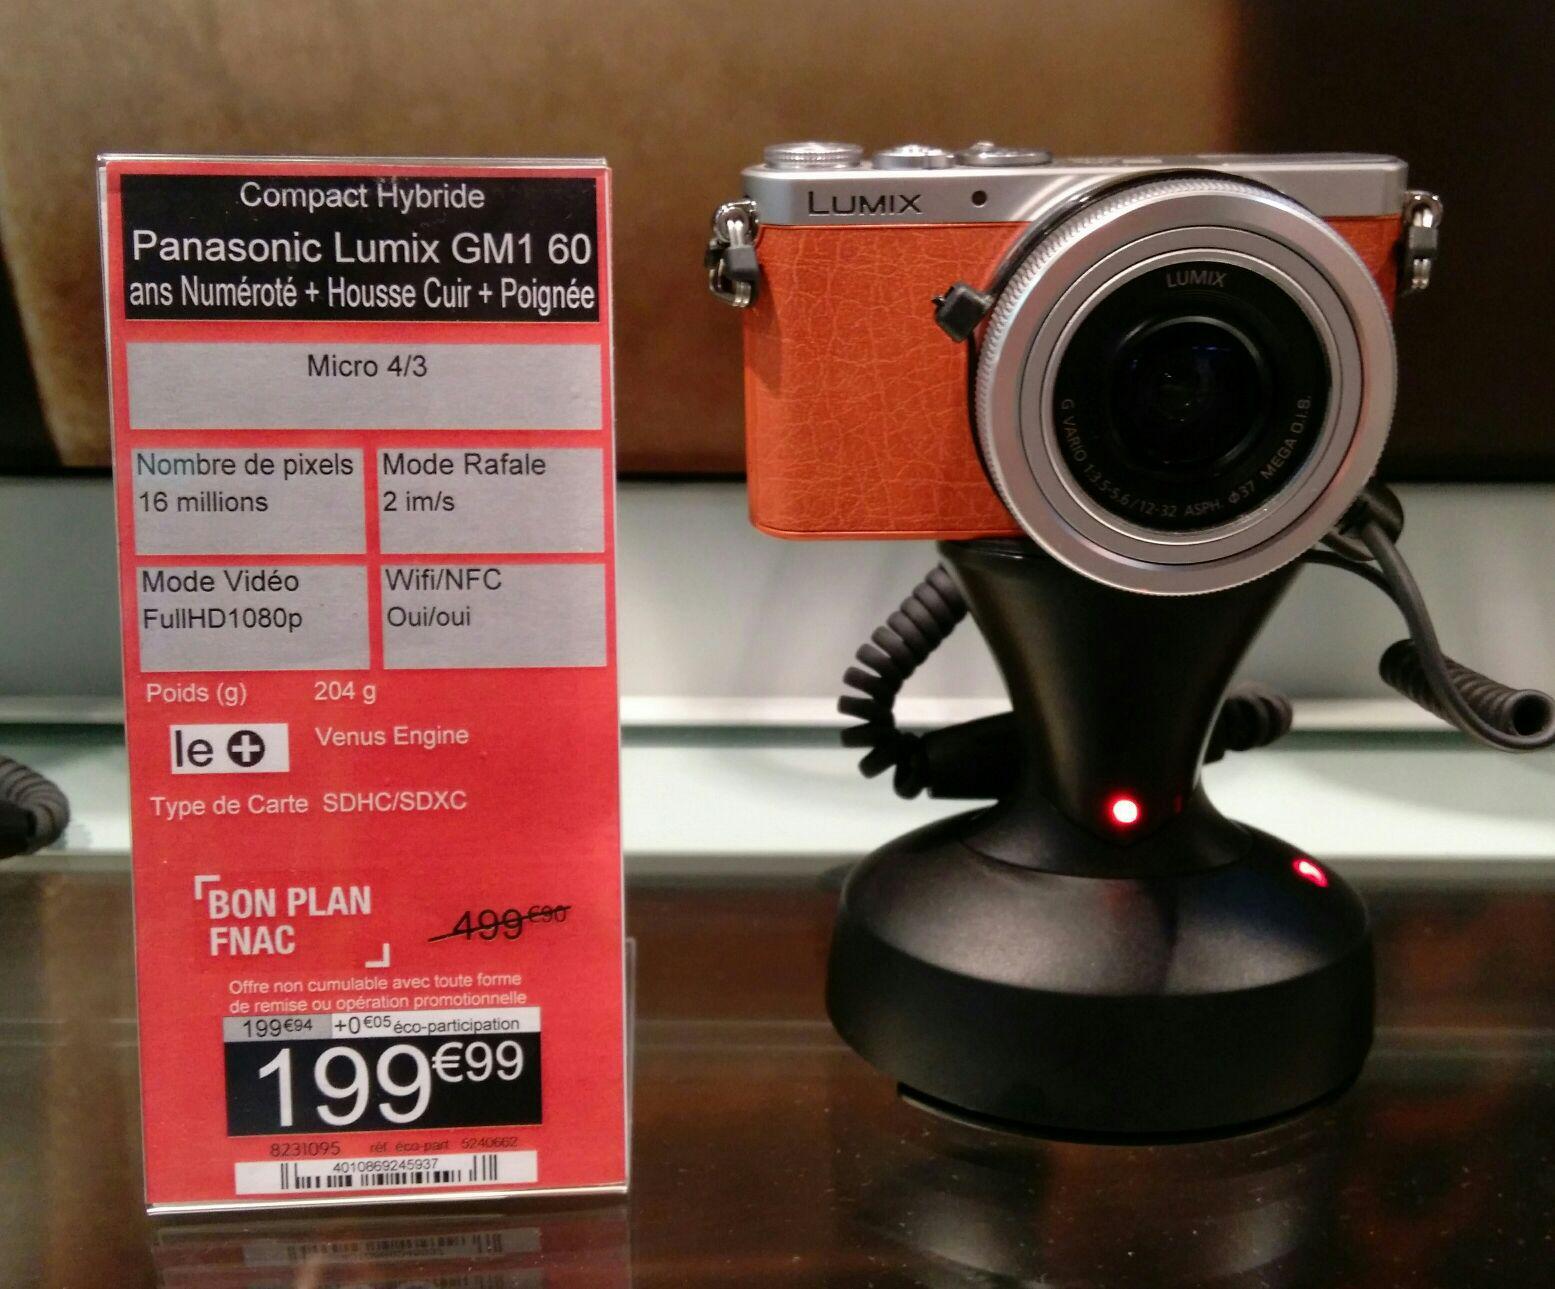 Appareil photo compact Hybride Panasonic Lumix GM1 Marron + Objectif 12-32 mm + Housse cuir + Poignée